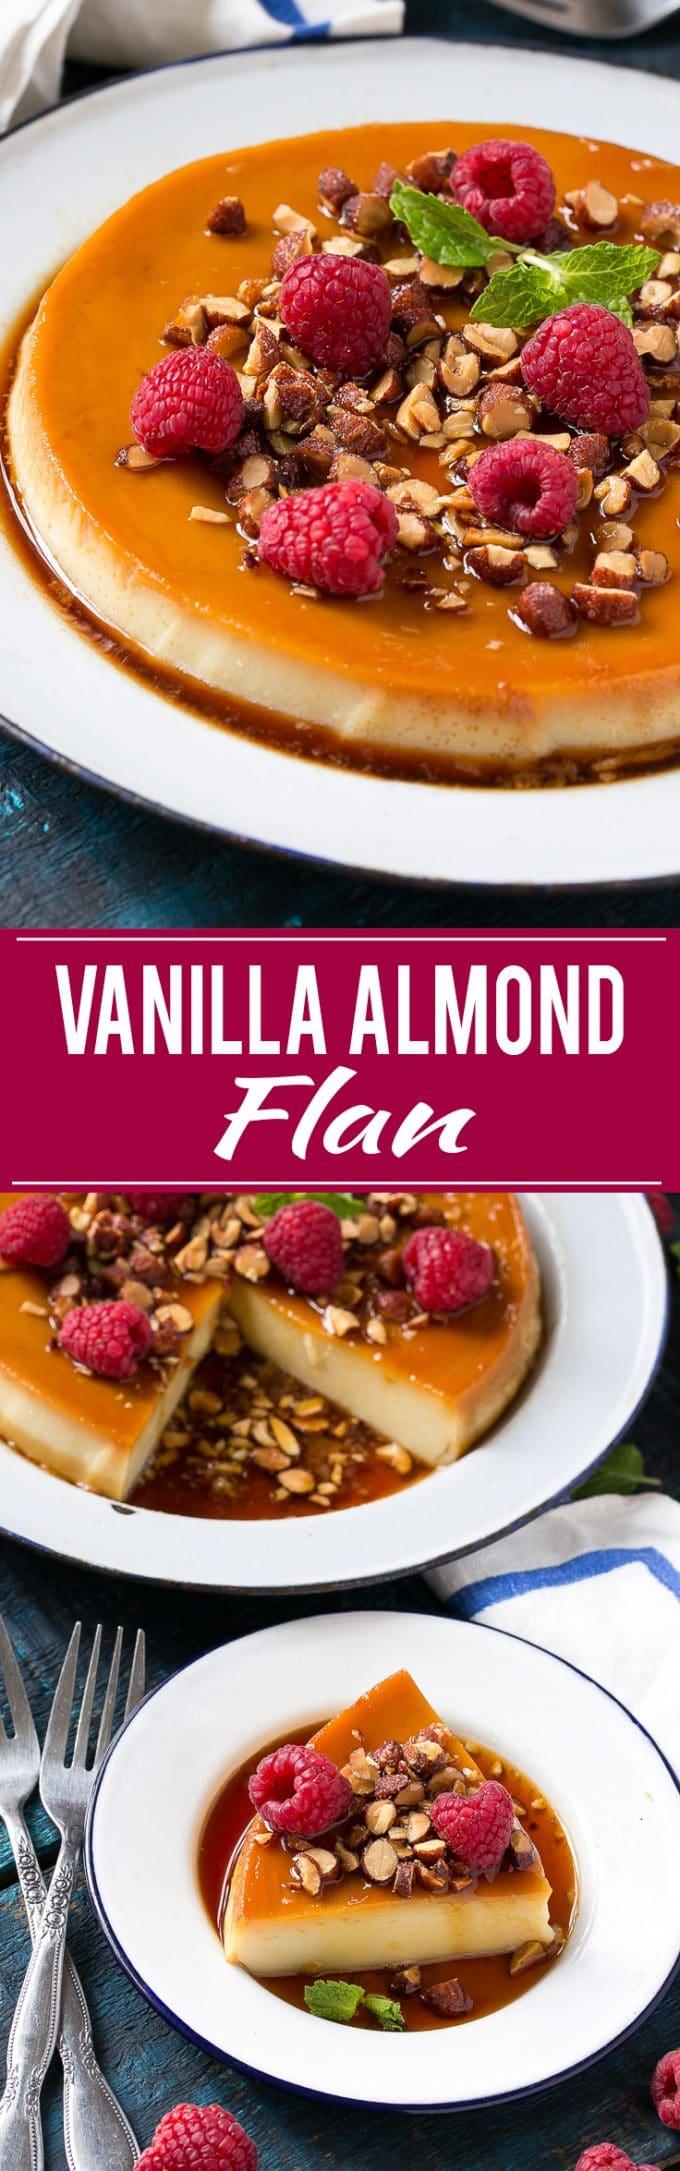 Vanilla Almond Flan Recipe | Vanilla Almond Flan | Vanilla Flan | Best Vanilla Almond Flan | Easy Vanilla Almond Flan